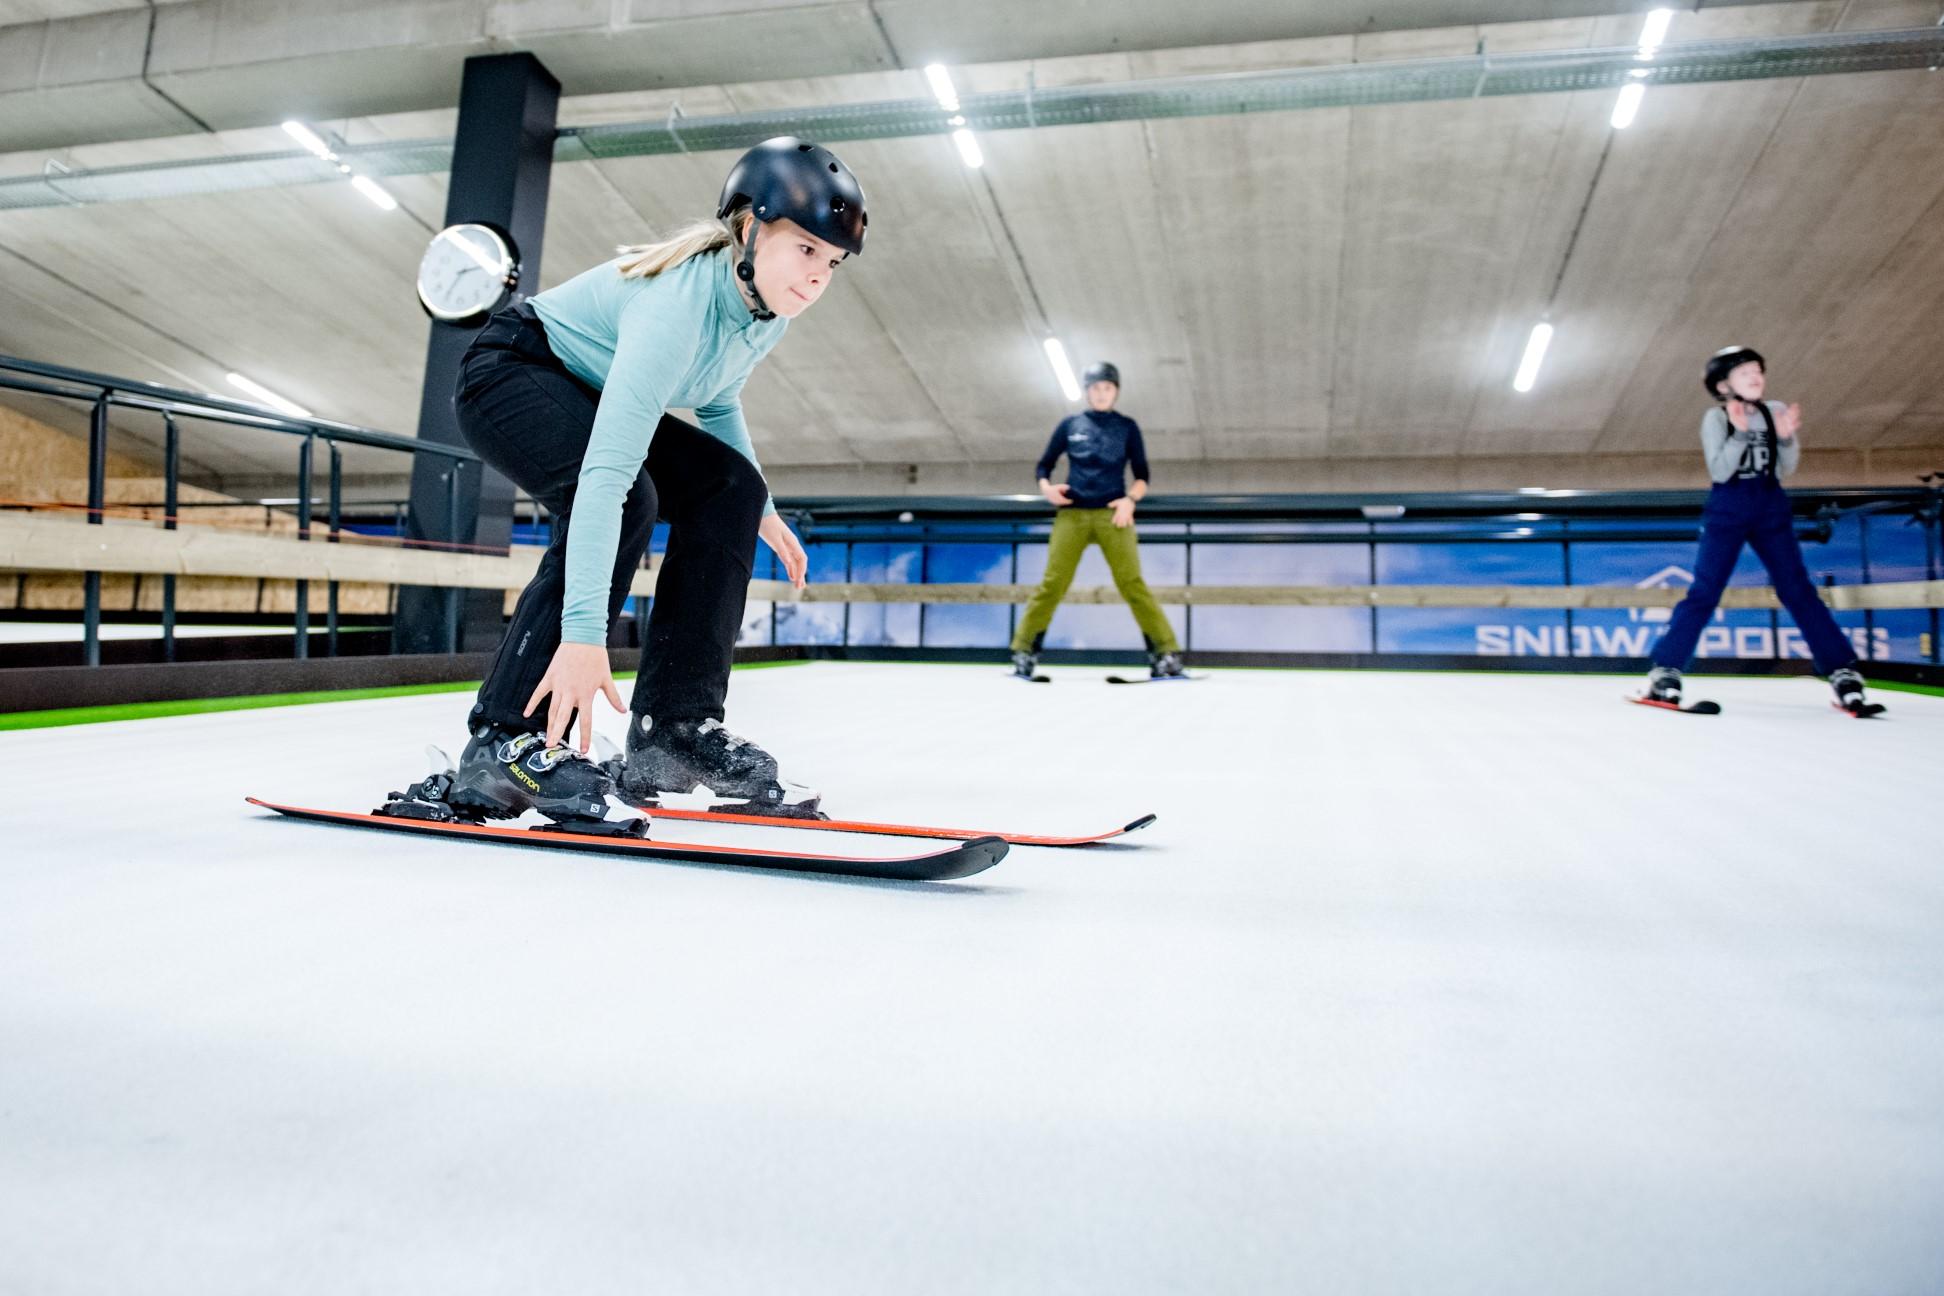 Skiteam